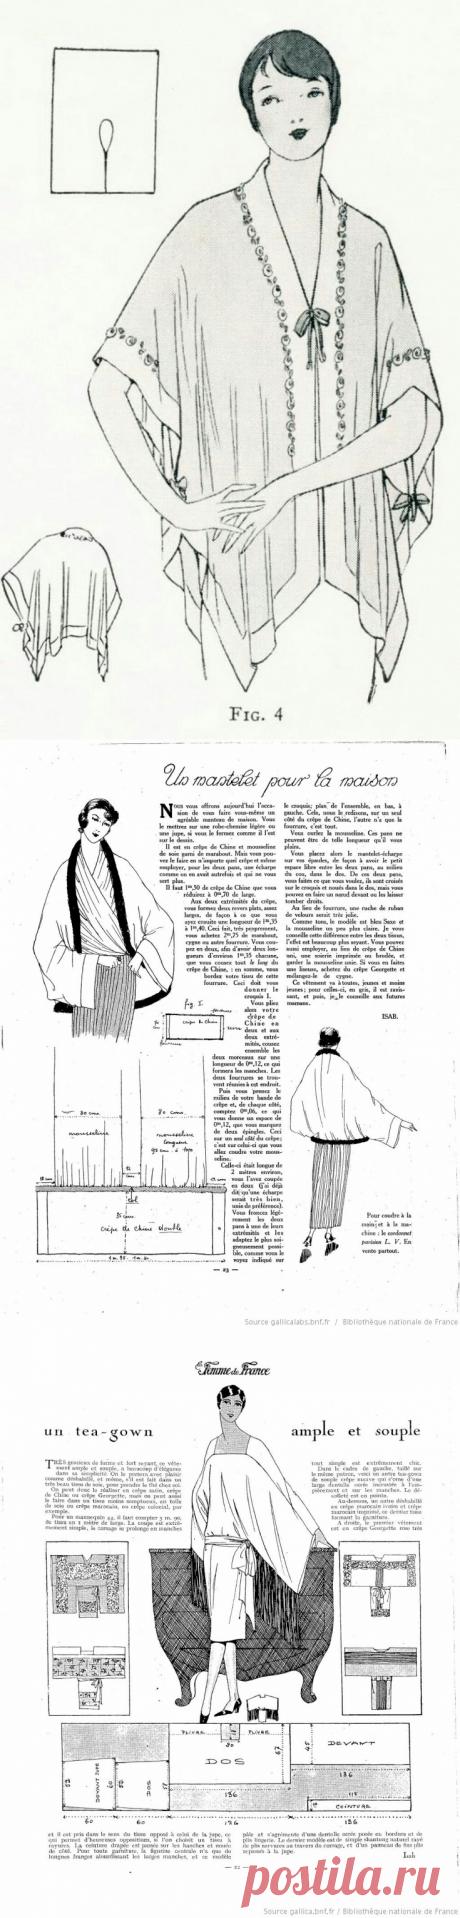 Антикварные выкройки на основе кимоно / Выкройки ретро / ВТОРАЯ УЛИЦА